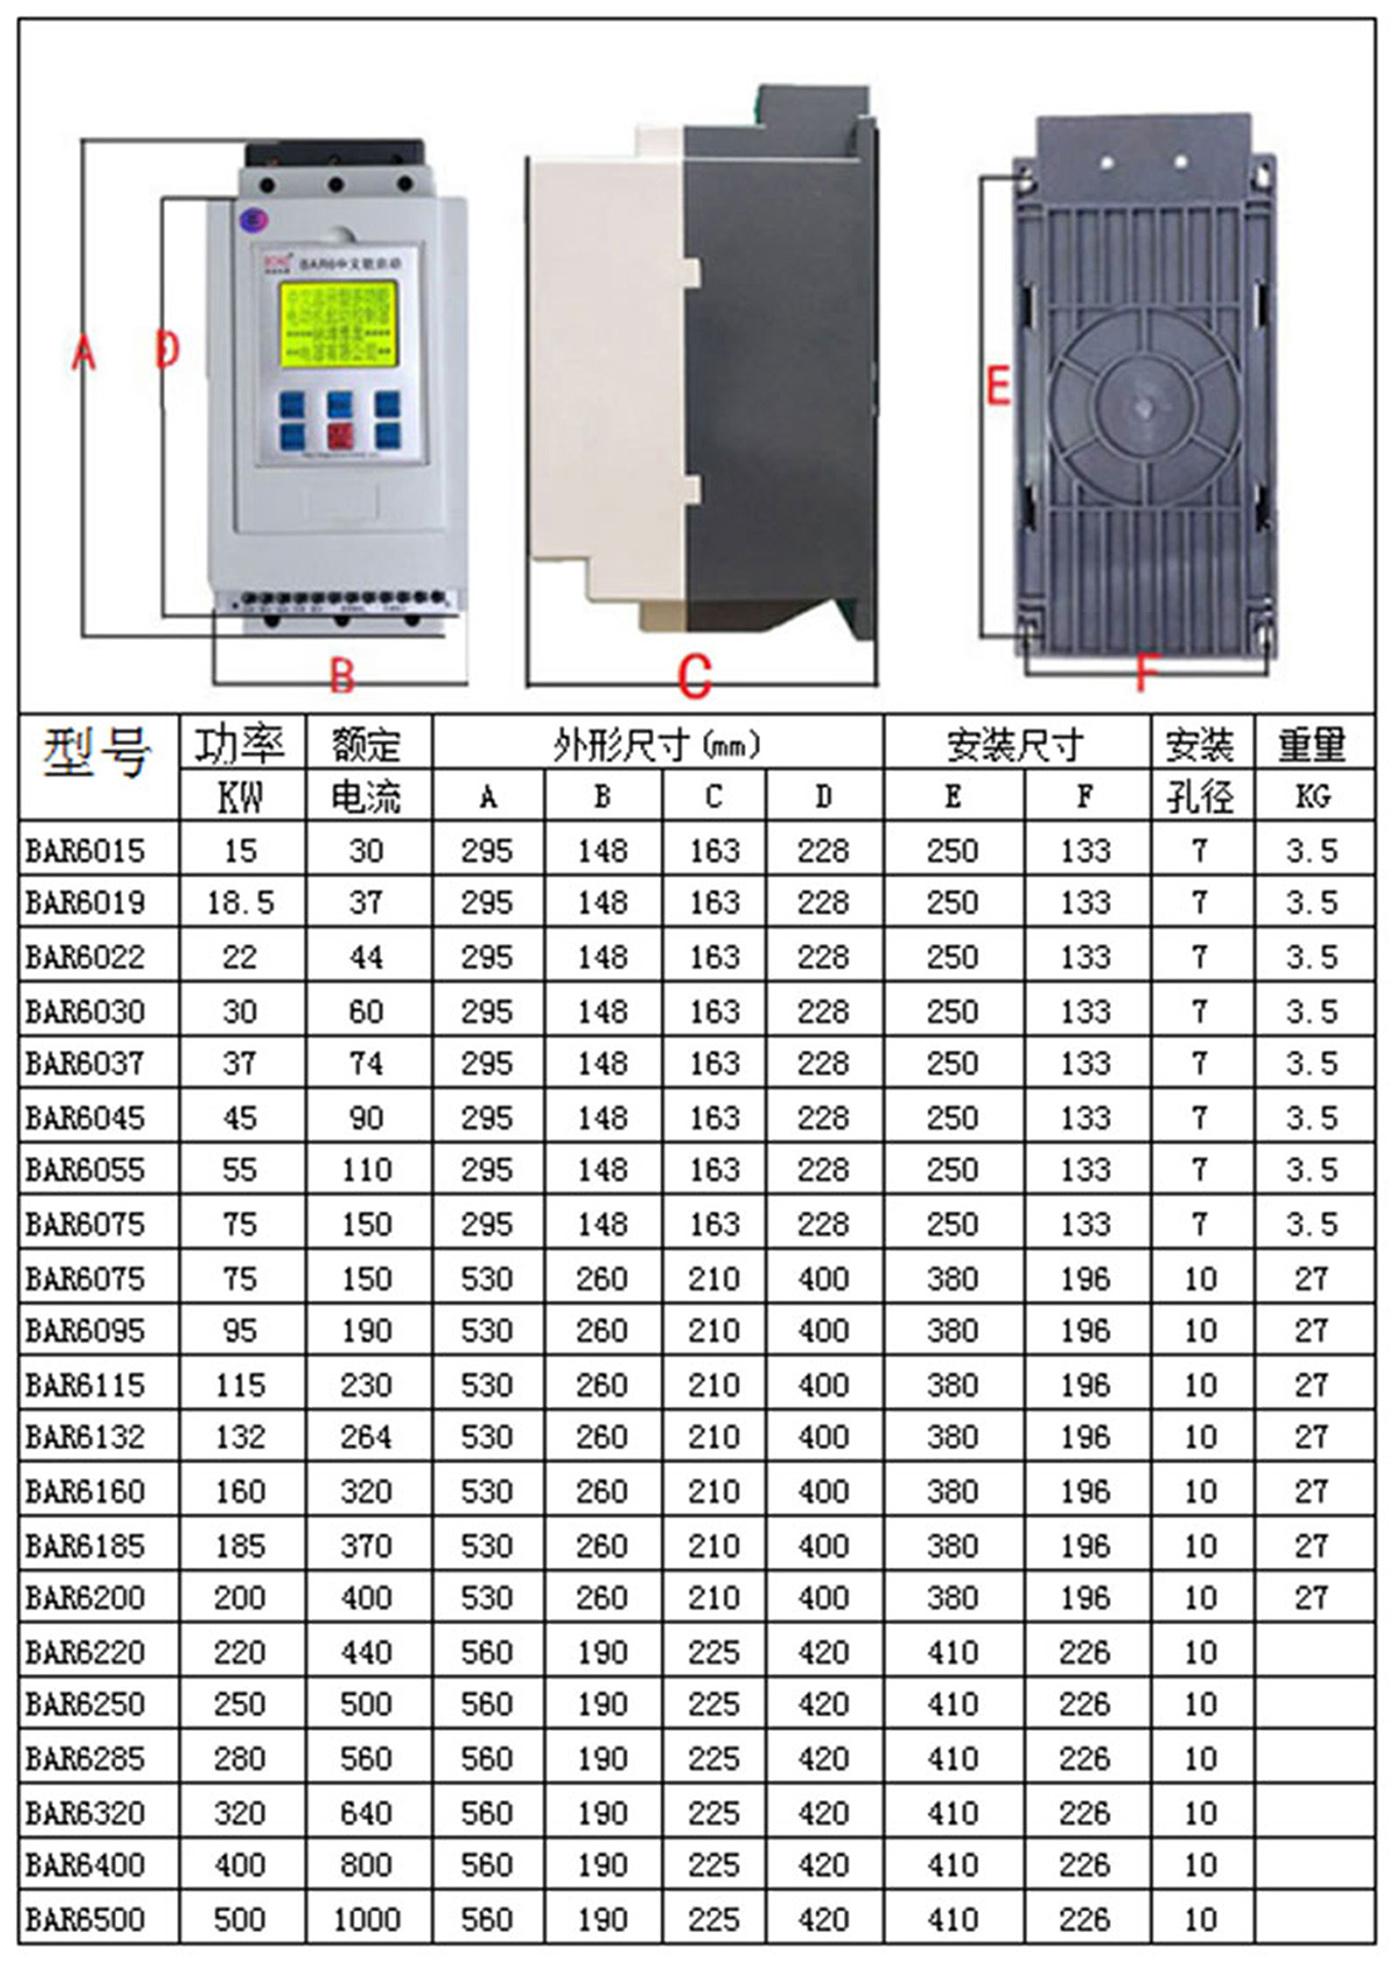 昆山BAR6000软起动厂家电话-昆山BAR6000软起动新价格